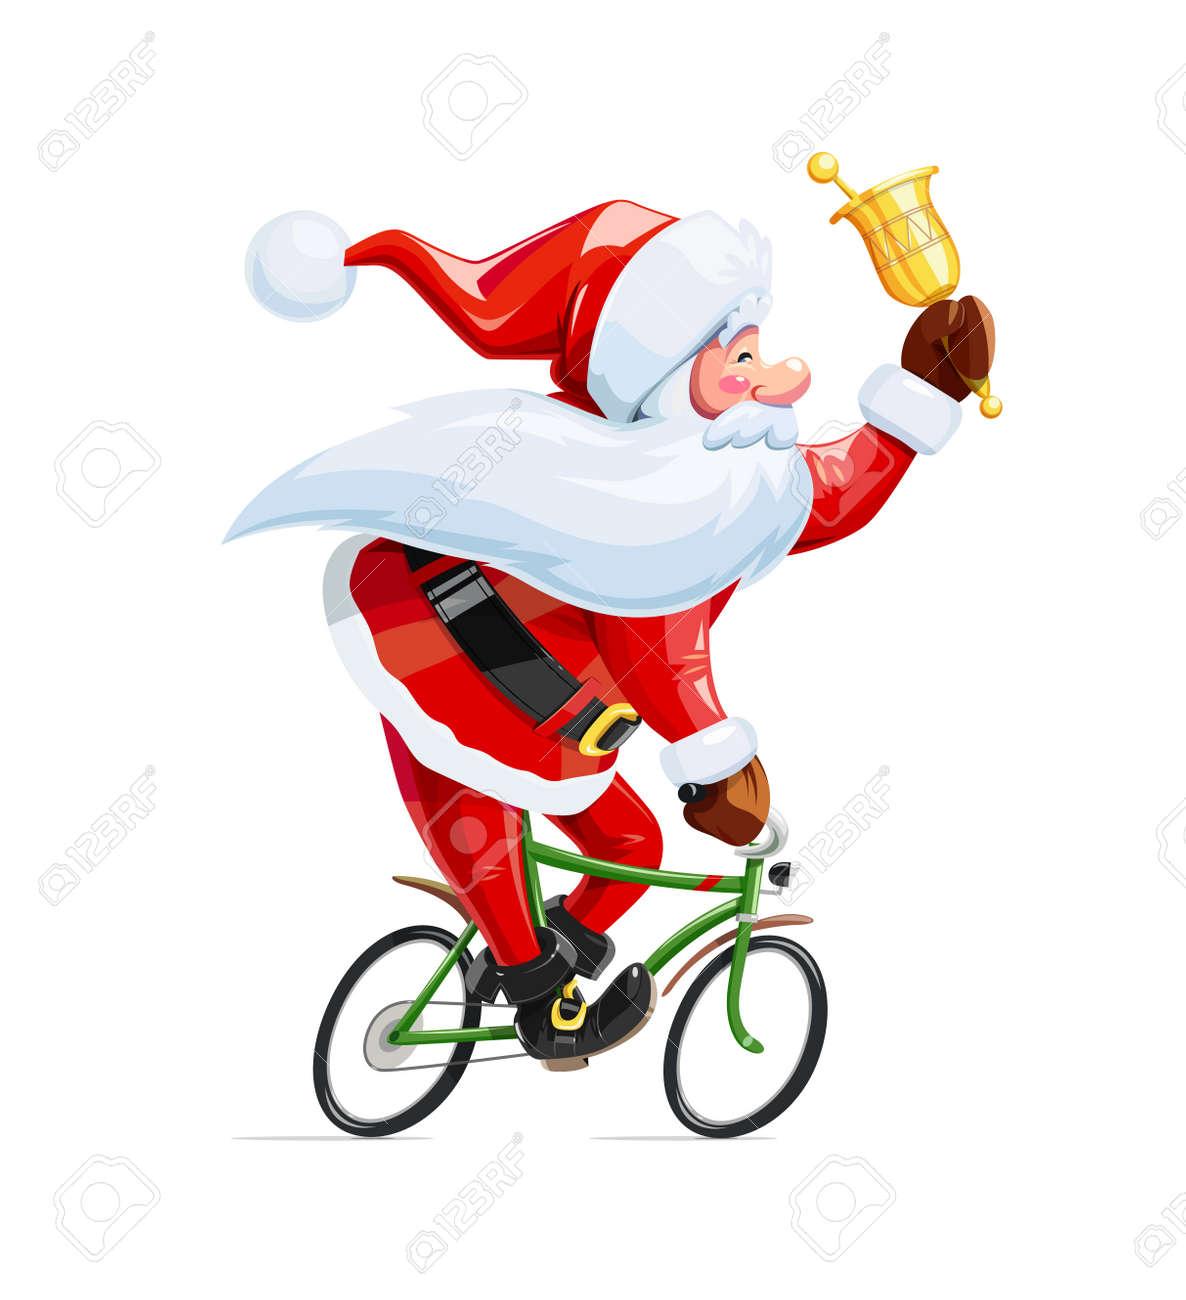 自転車のベルとサンタ クロースクリスマスの漫画のキャラクター新年のお祝いする老人ドライブ サイクル冬の休日